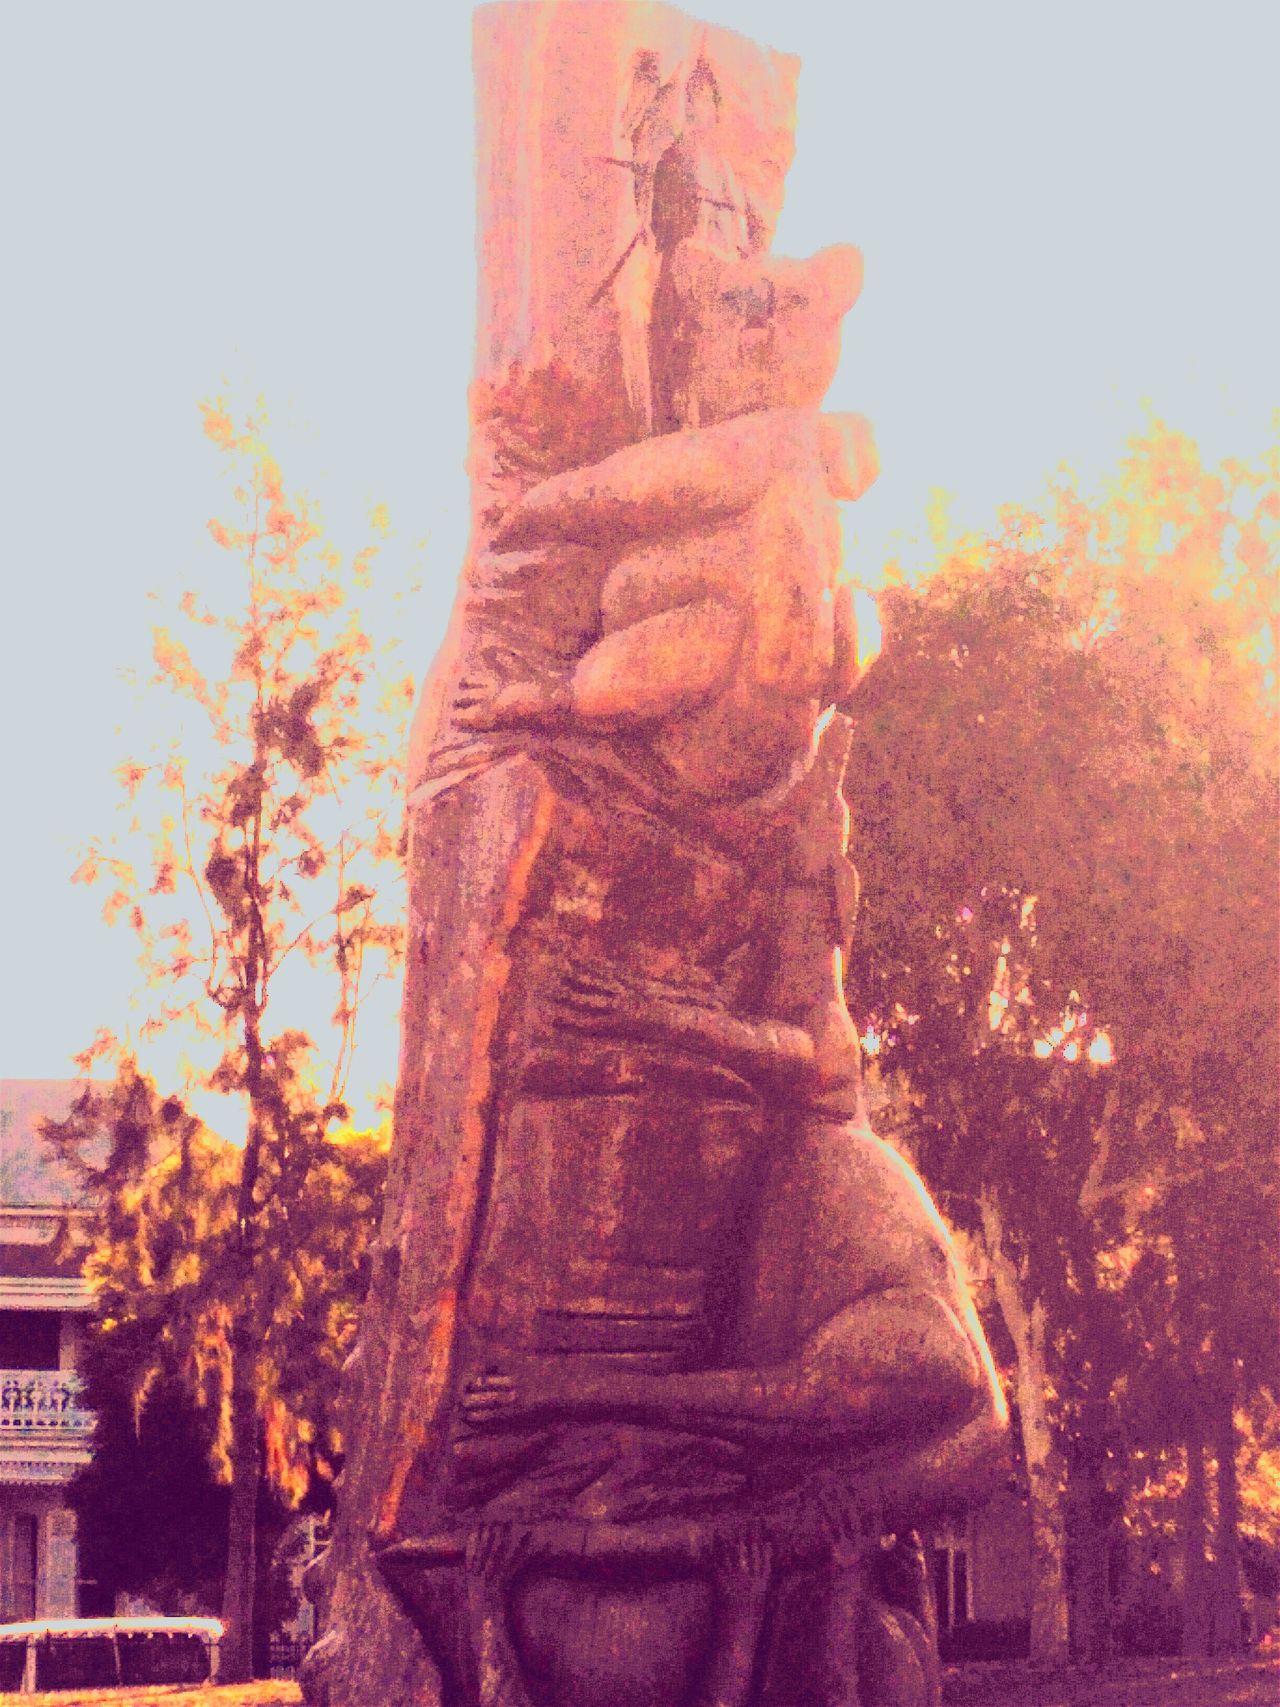 Treen Wood Carving Sculpture WoodArt Art Sculptures Tree Art Tree Carving TreenArt Carved In Wood Carved Wooden Figures Wood Carving Art Woodcarving Wooden Art Wooden Sculpture Carved Wood Woodwork  Carved Tree Woodensculpture Carvedwoodenfigures Carvedinwood Wooden Sculpure Treenporn TreenSculptures ArtWork